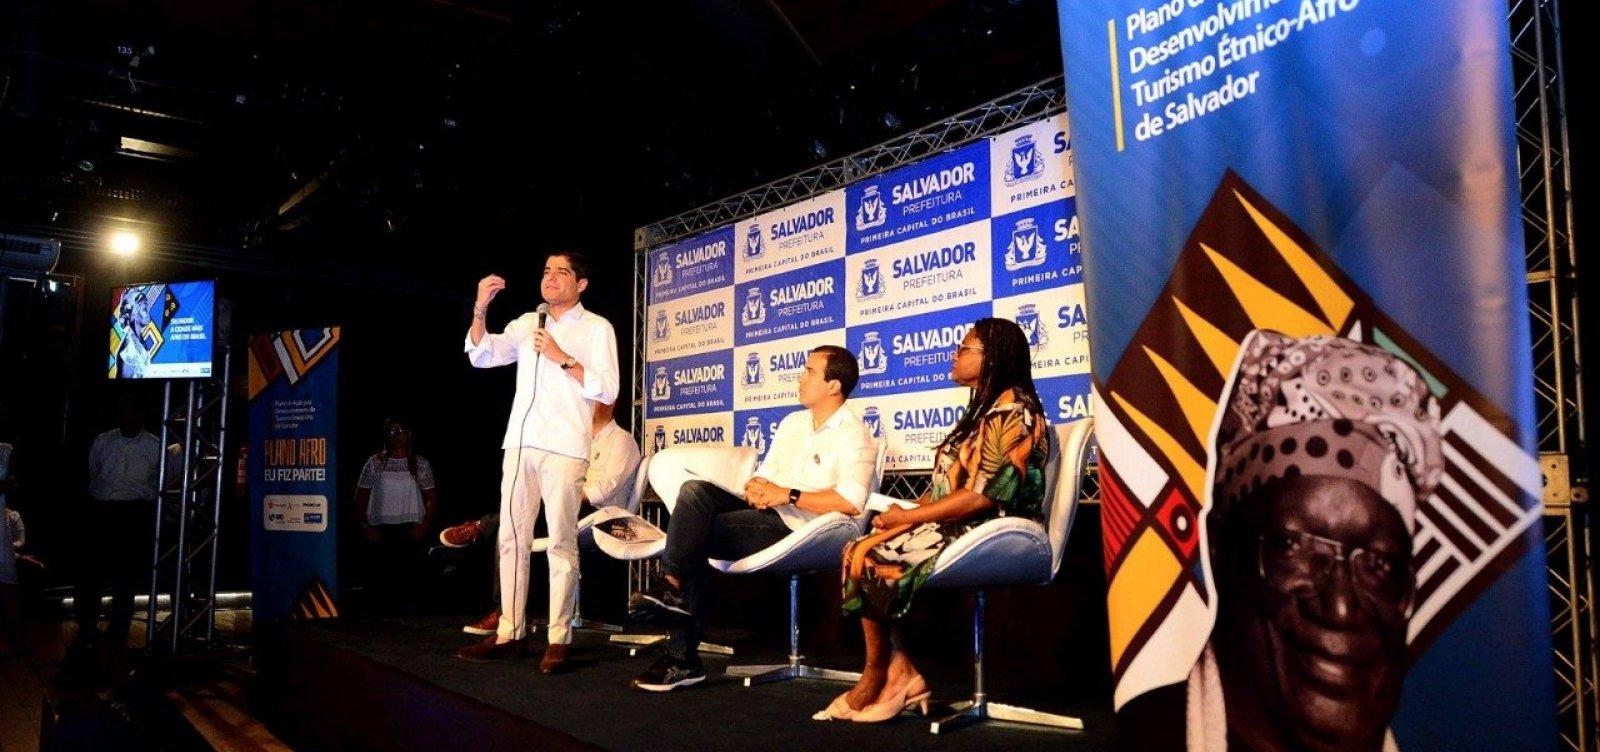 Com investimento de R$ 13,5 mi, ACM Neto lança Plano de Ação do Turismo Étnico-Afro